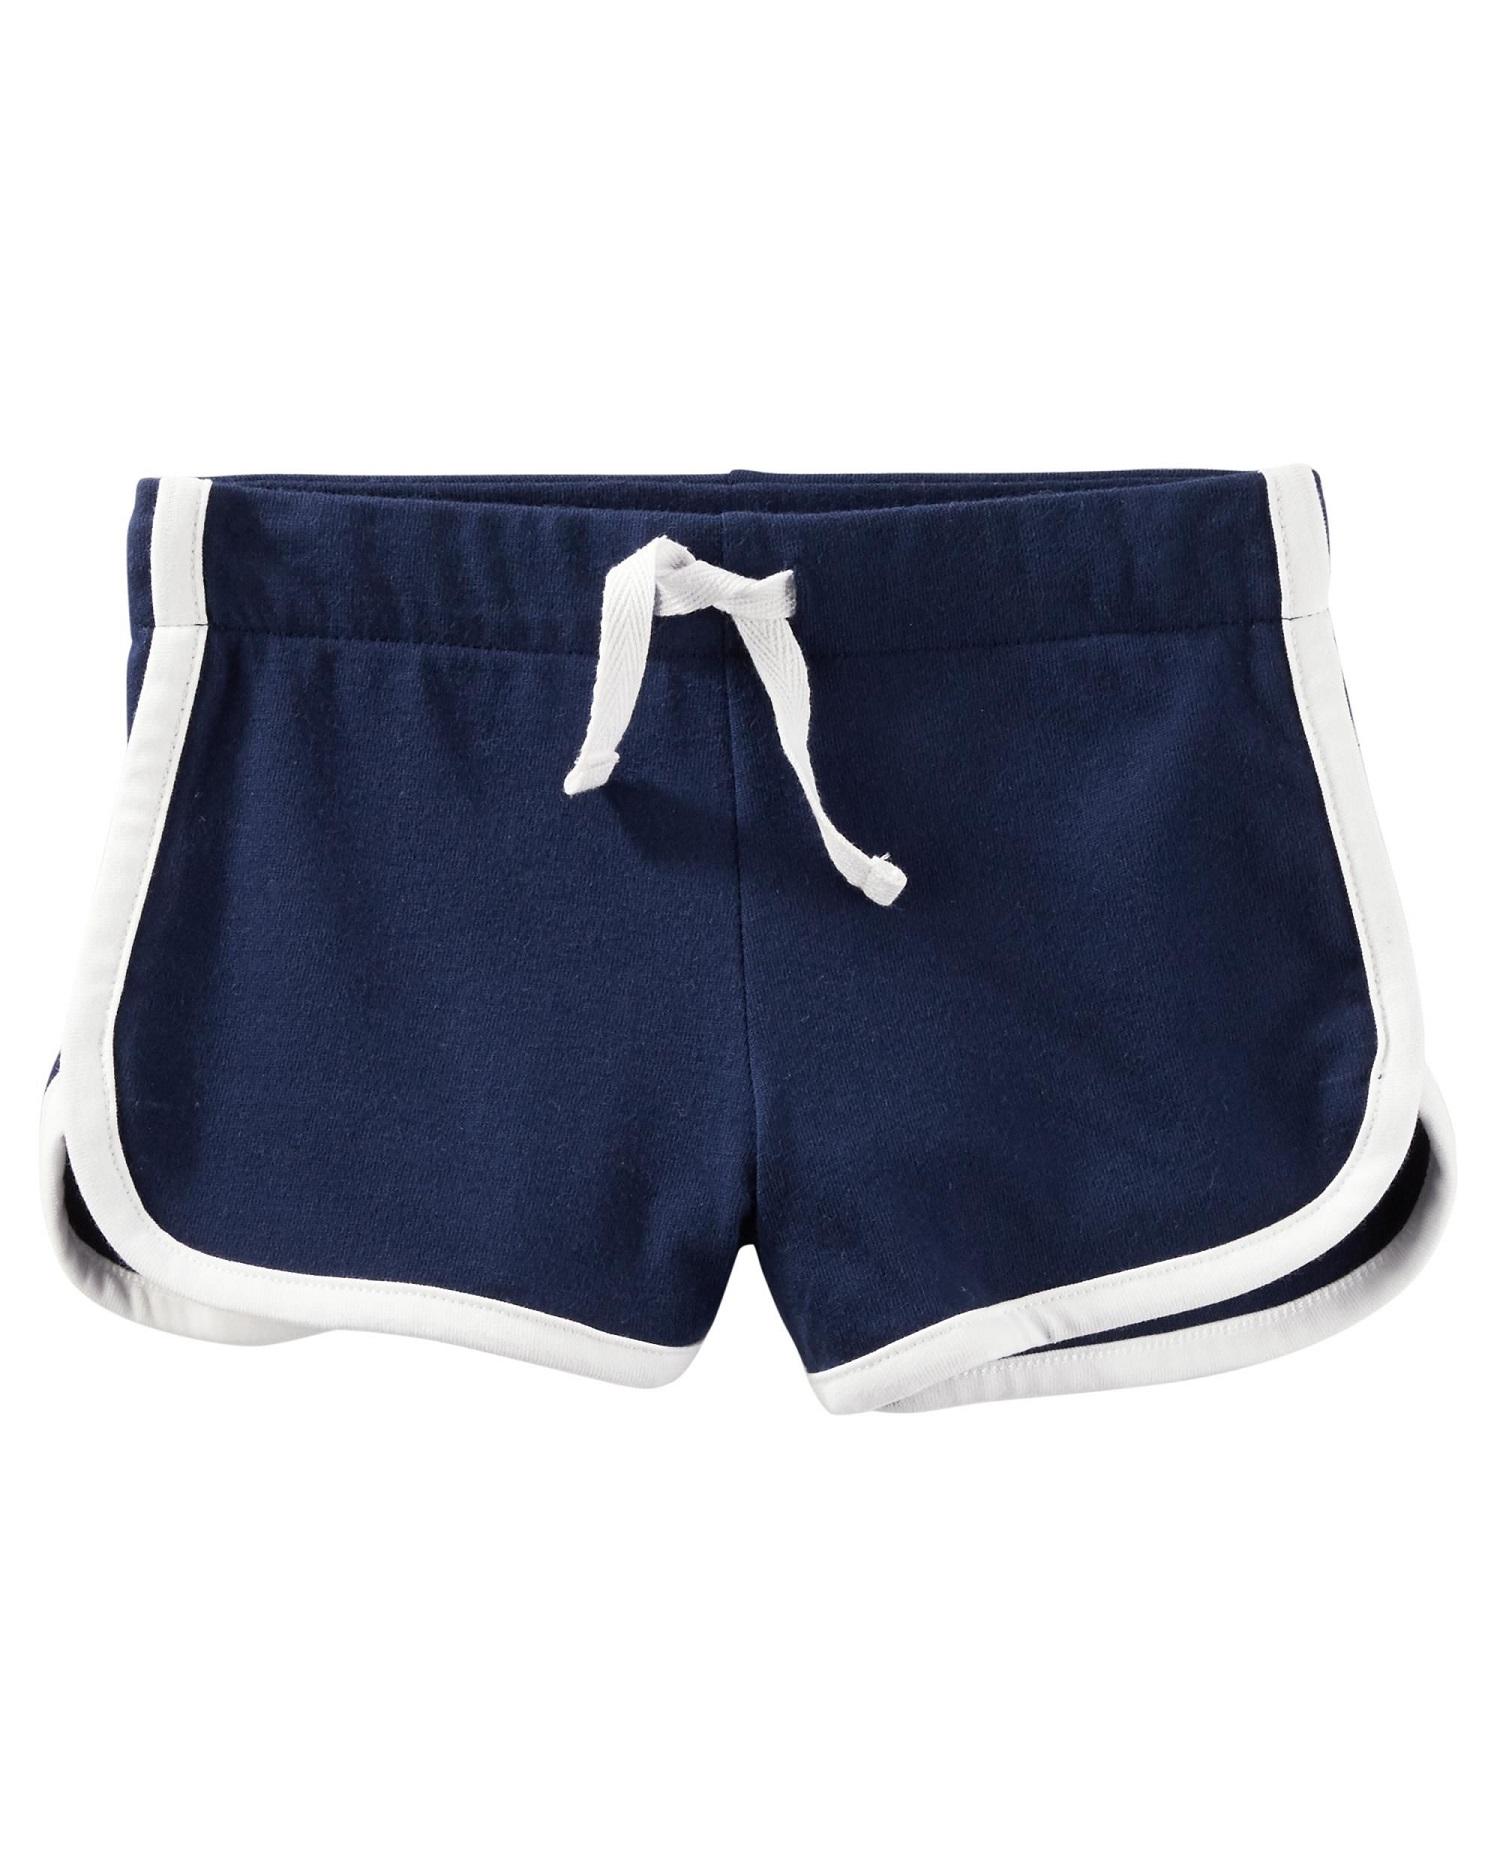 OshKosh B'gosh Baby Girls' Pull-On Jersey Shorts, 18 Months